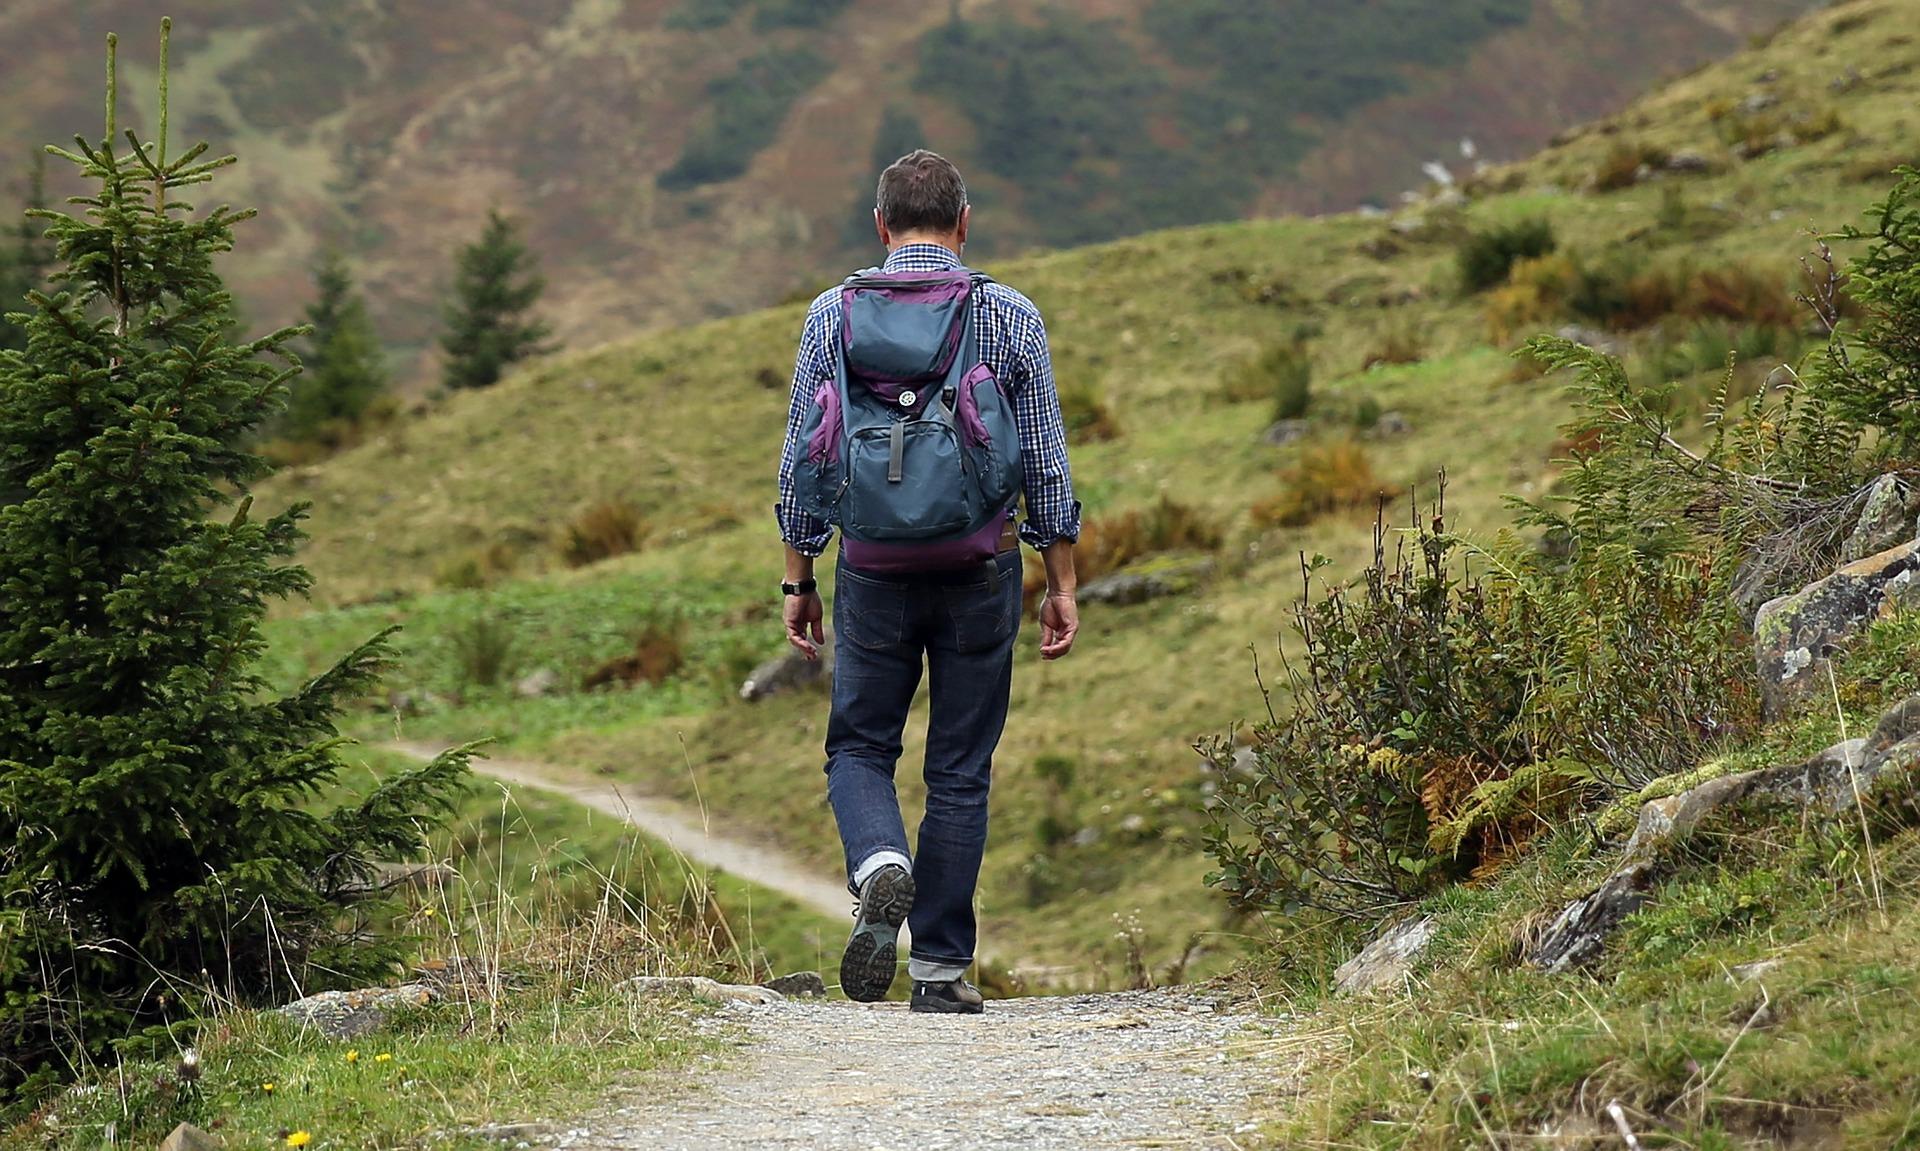 stock image walking path man hike